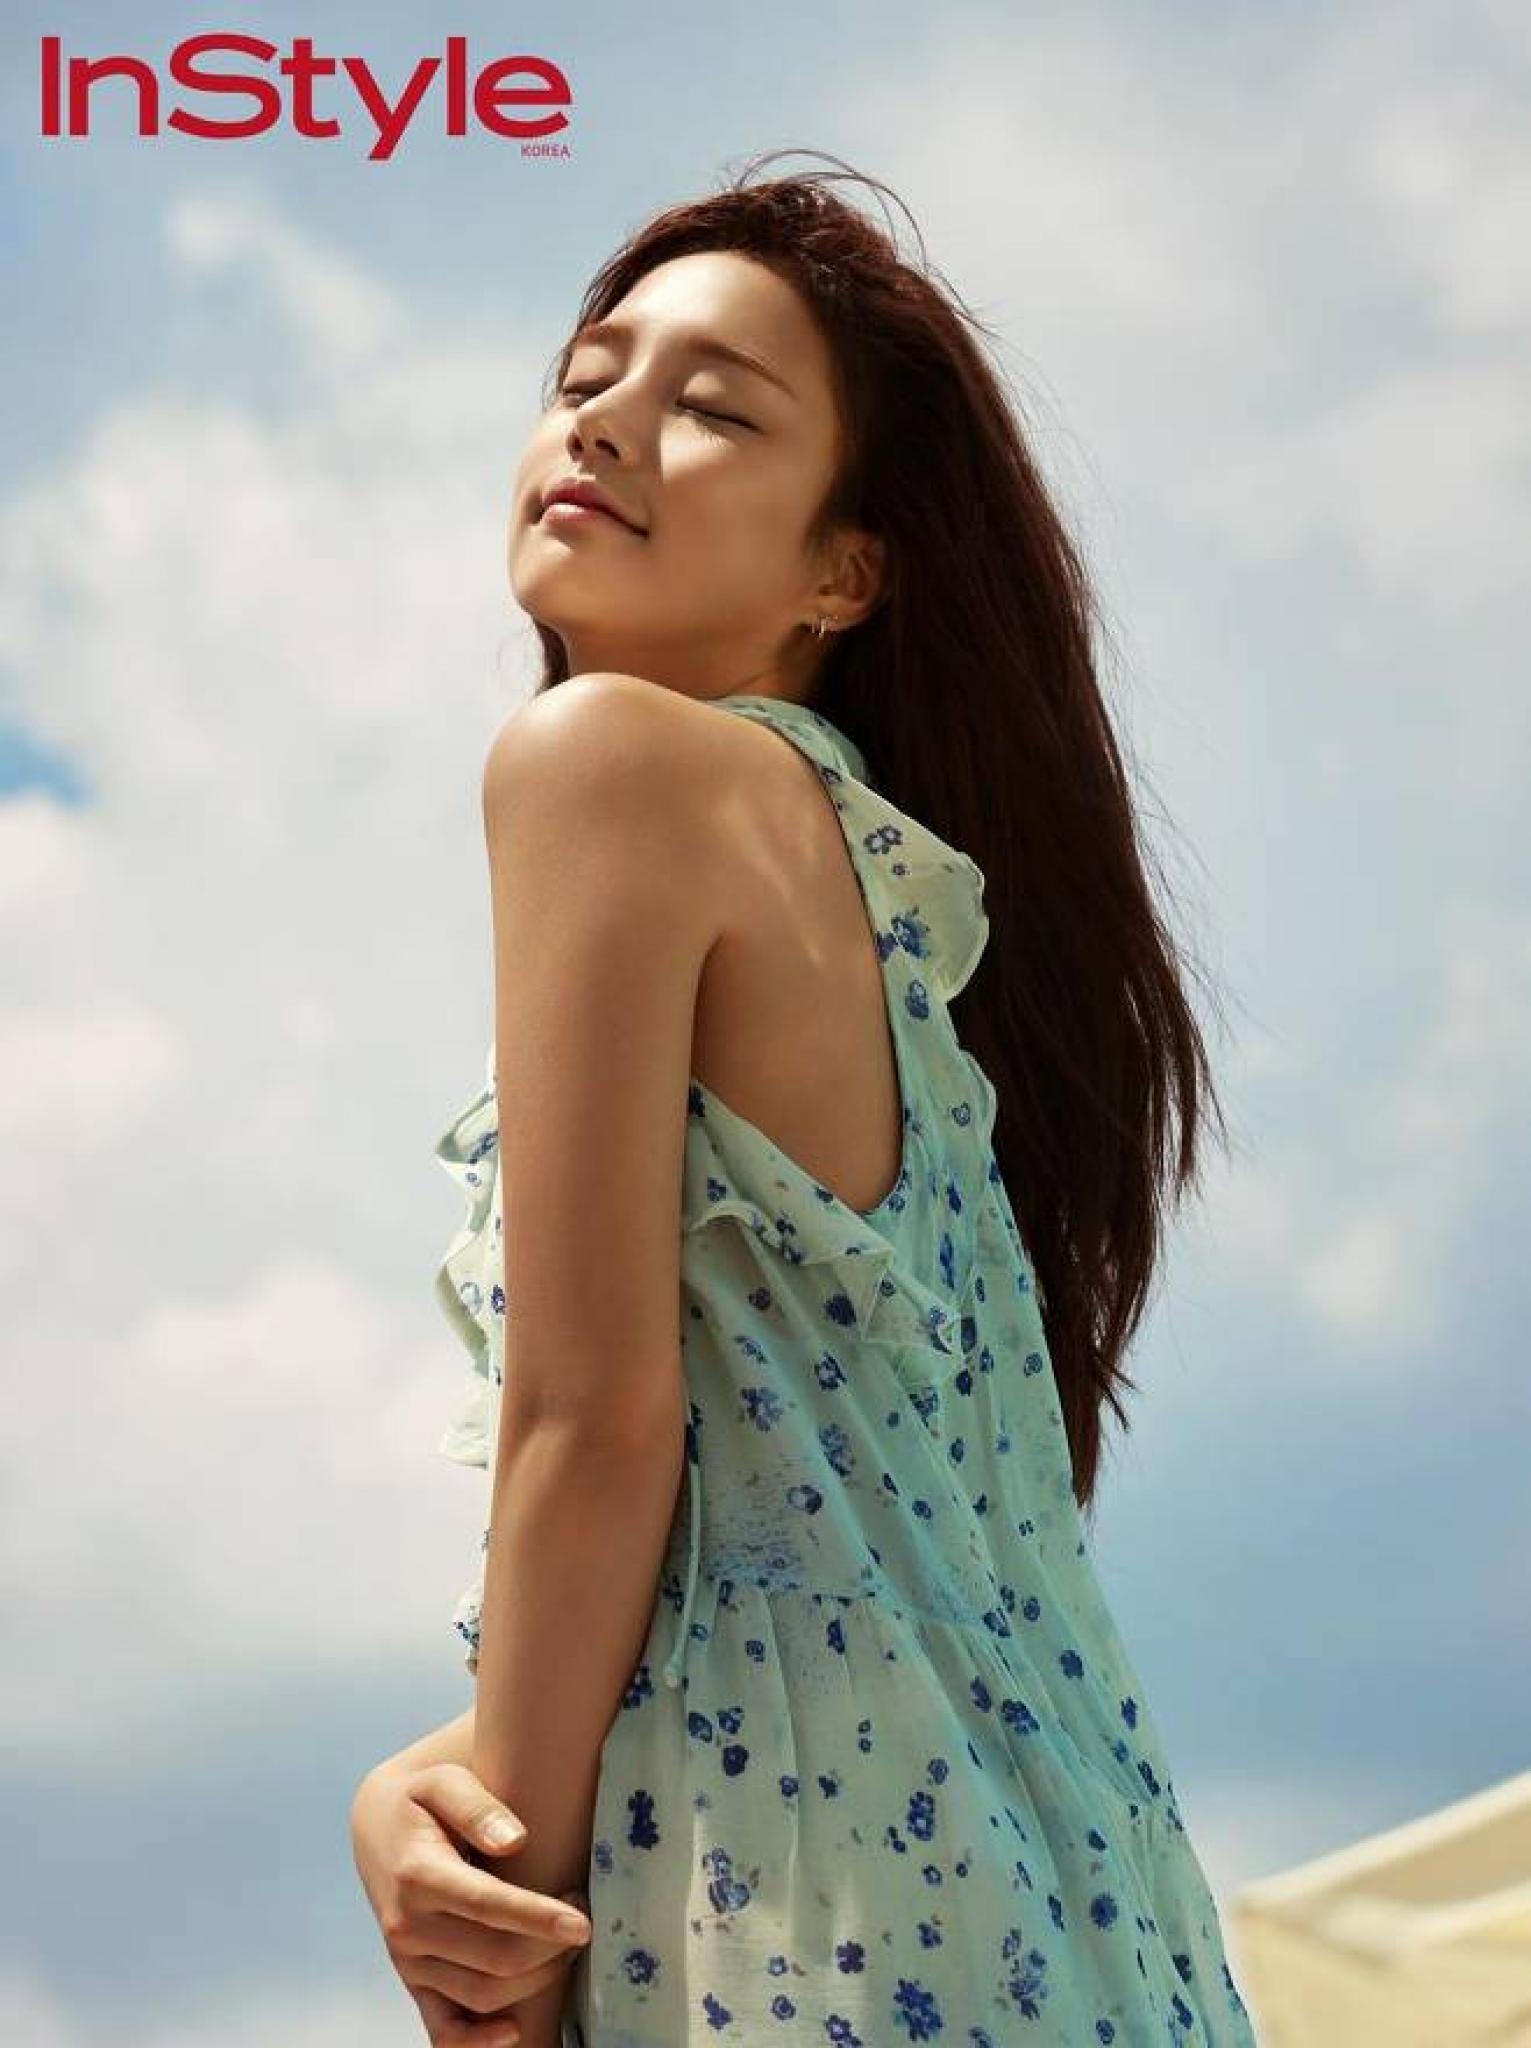 """""""눈빛이 다했다""""… '라붐' 솔빈, 탄탄한 구릿빛 피부 '시선강탈'"""